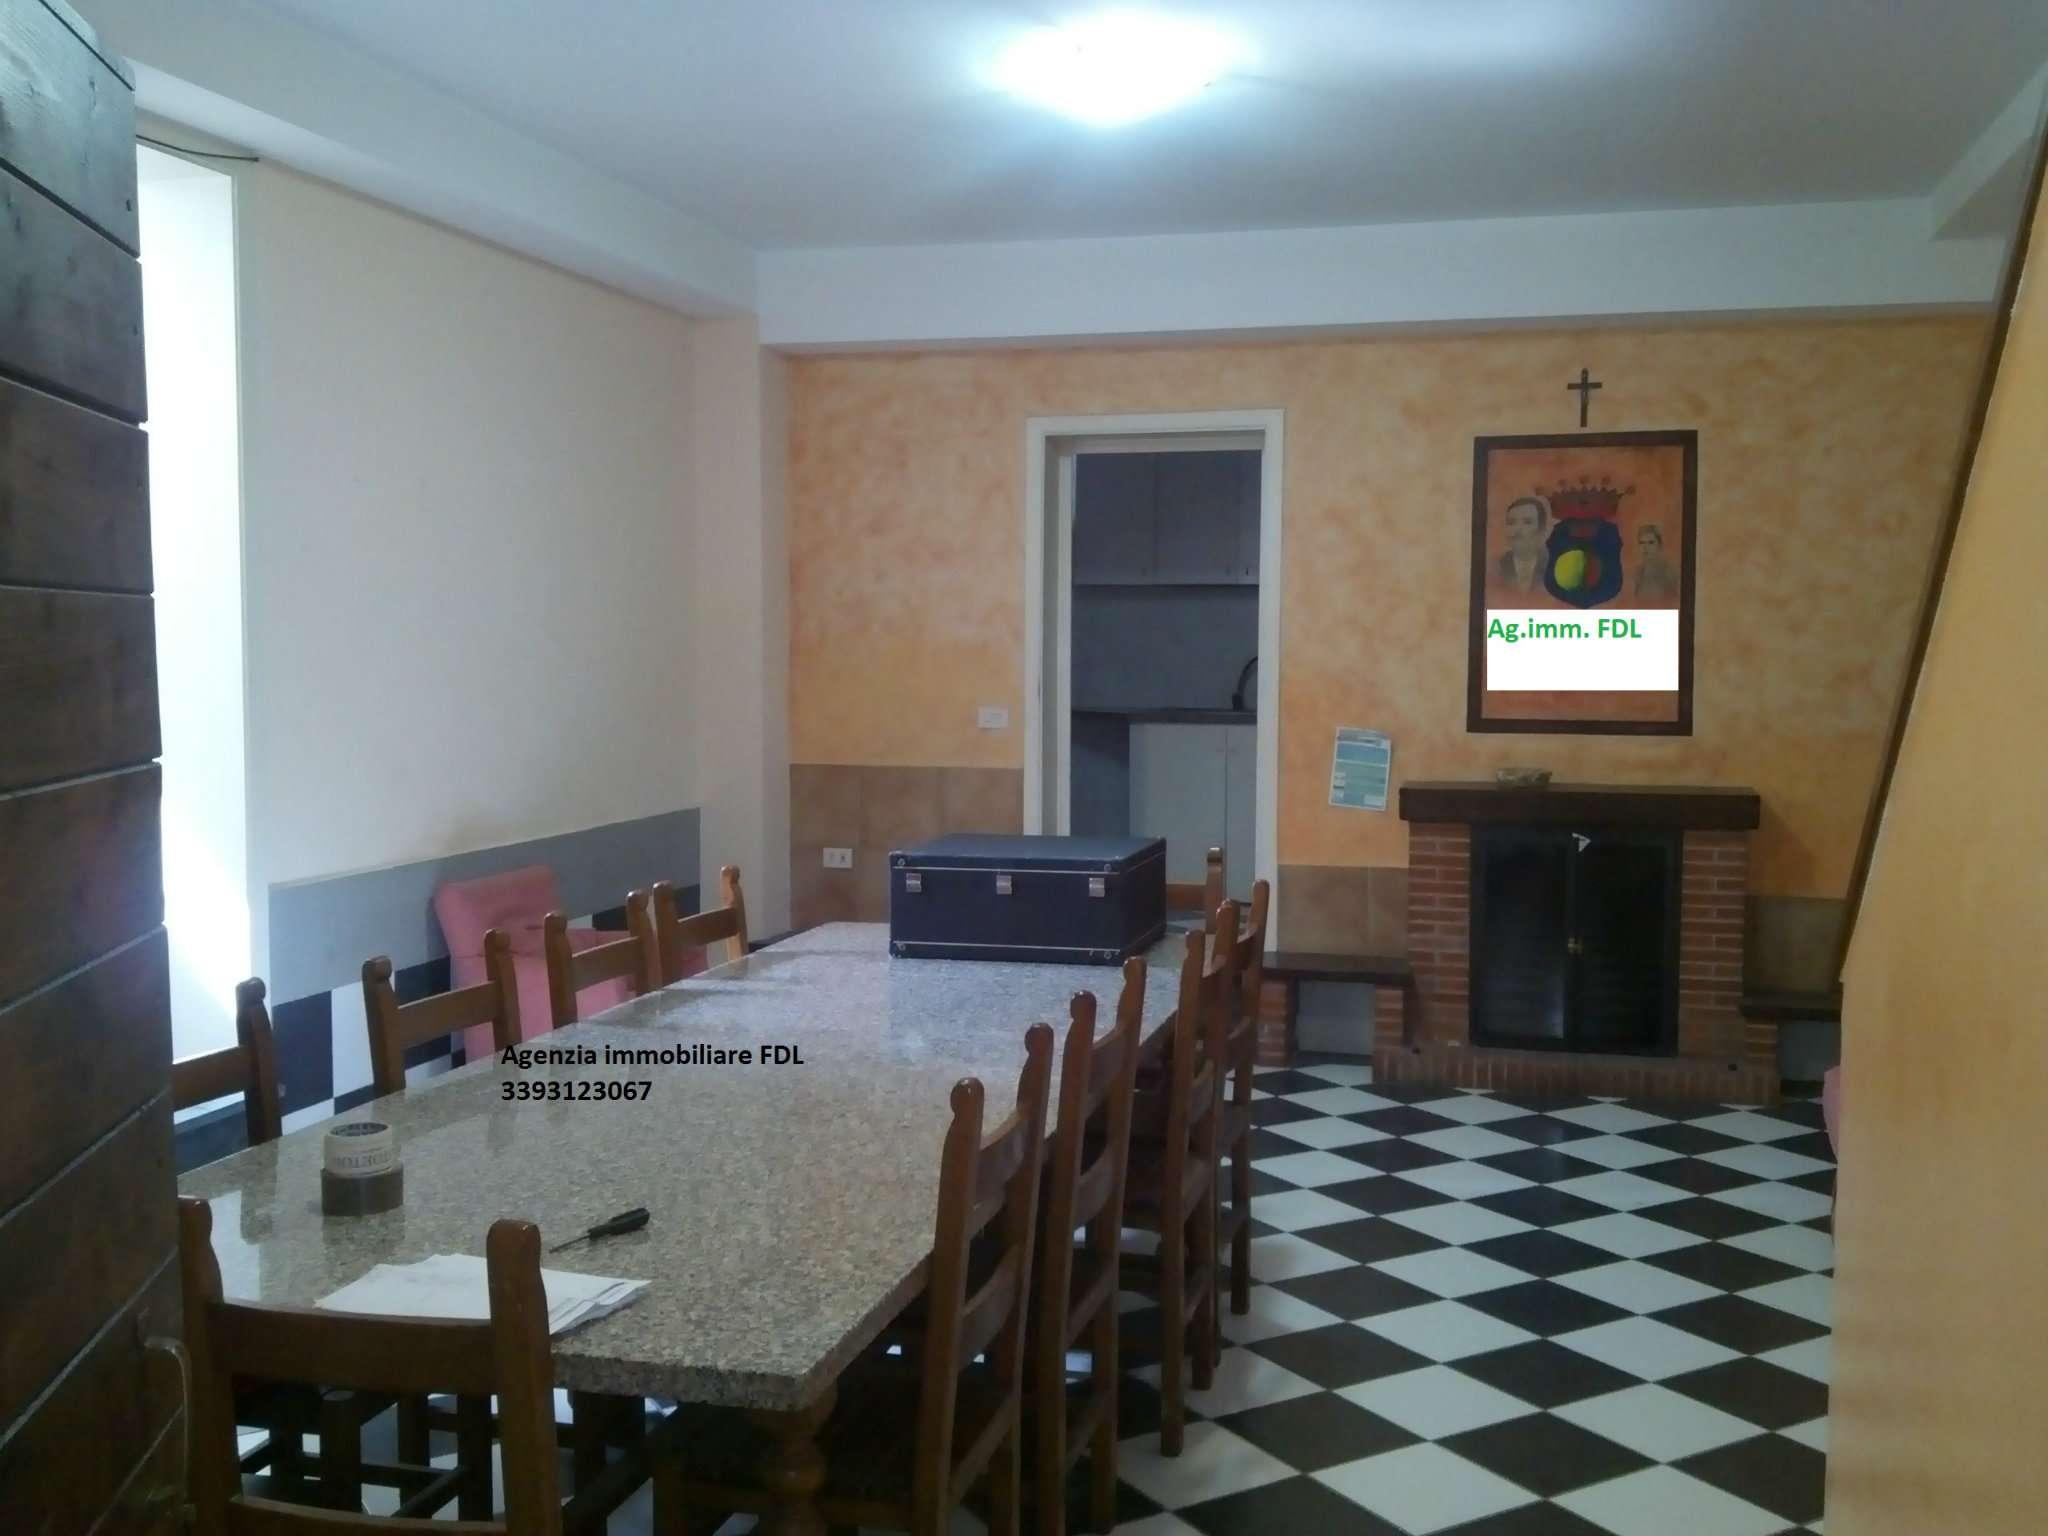 Soluzione Indipendente in vendita a Palaia, 9 locali, prezzo € 350.000 | CambioCasa.it